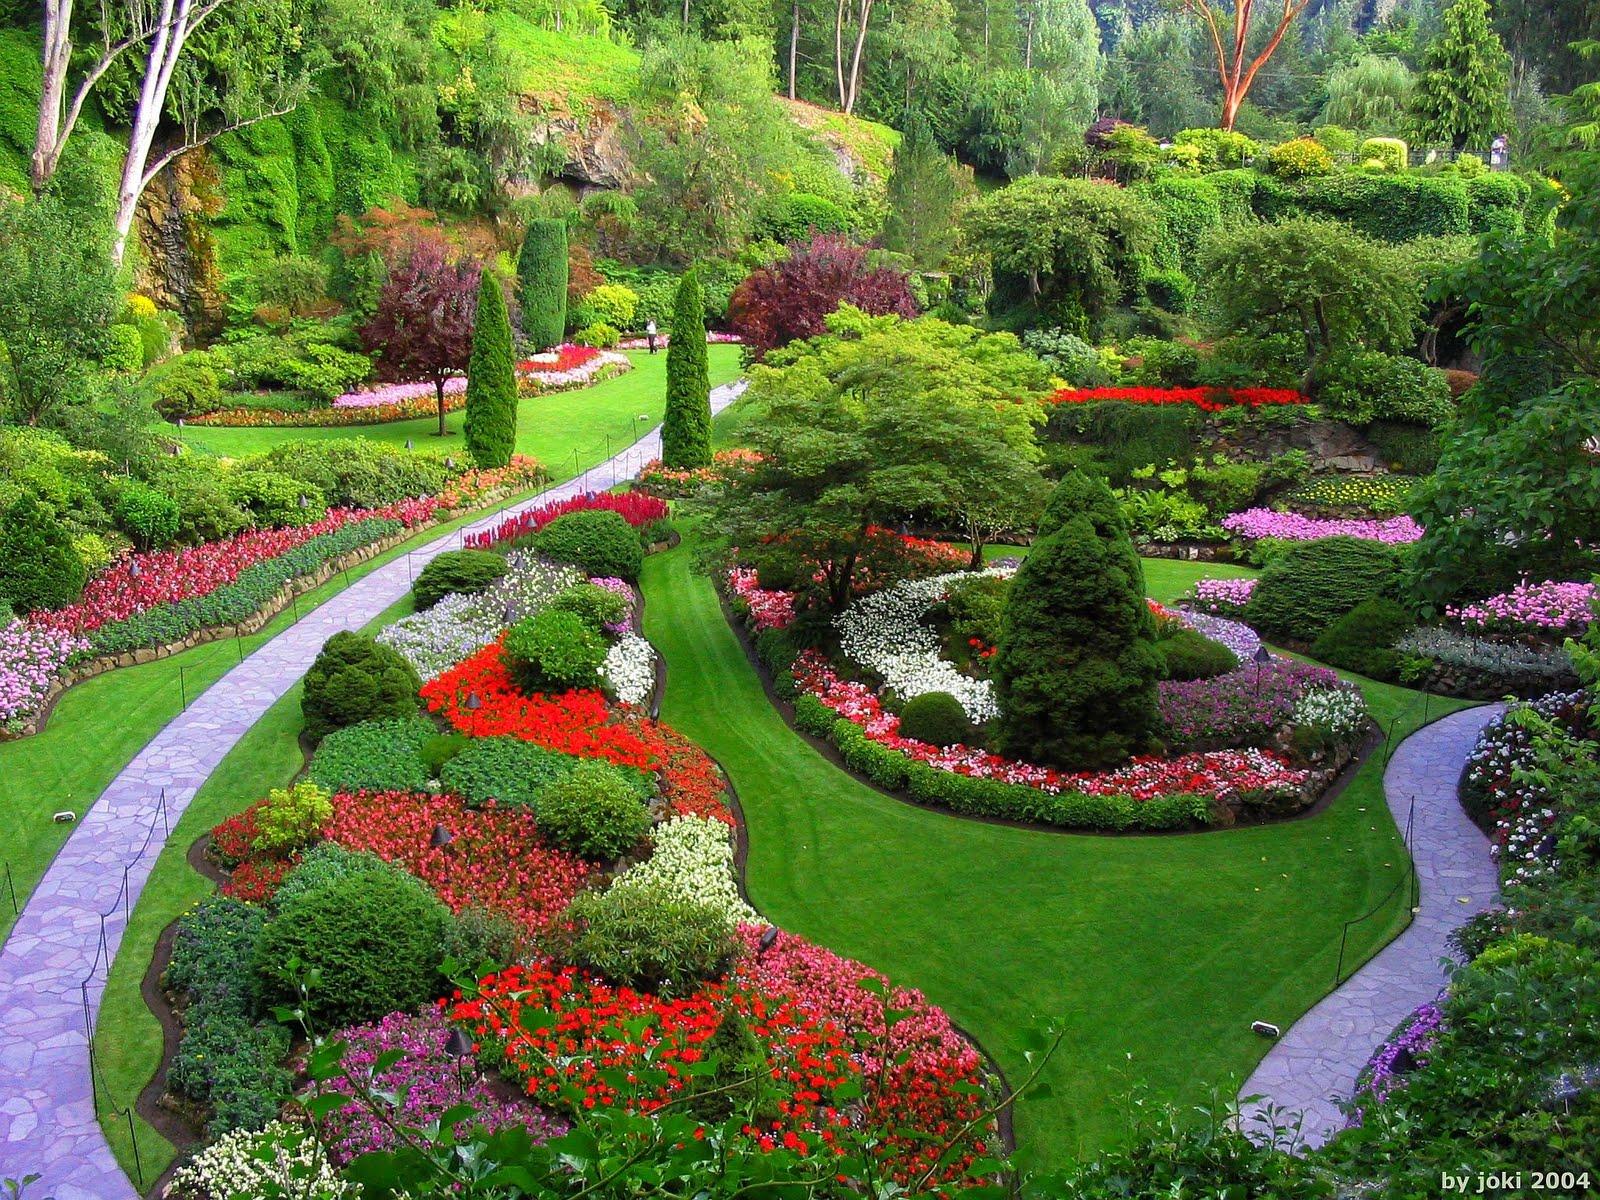 http://2.bp.blogspot.com/--14seIKNRko/TldLA4tsxsI/AAAAAAAAL-k/7IBwUM0SAm0/s1600/Butchart-Gardens_Vancouver-Island_British+Columbia.jpg